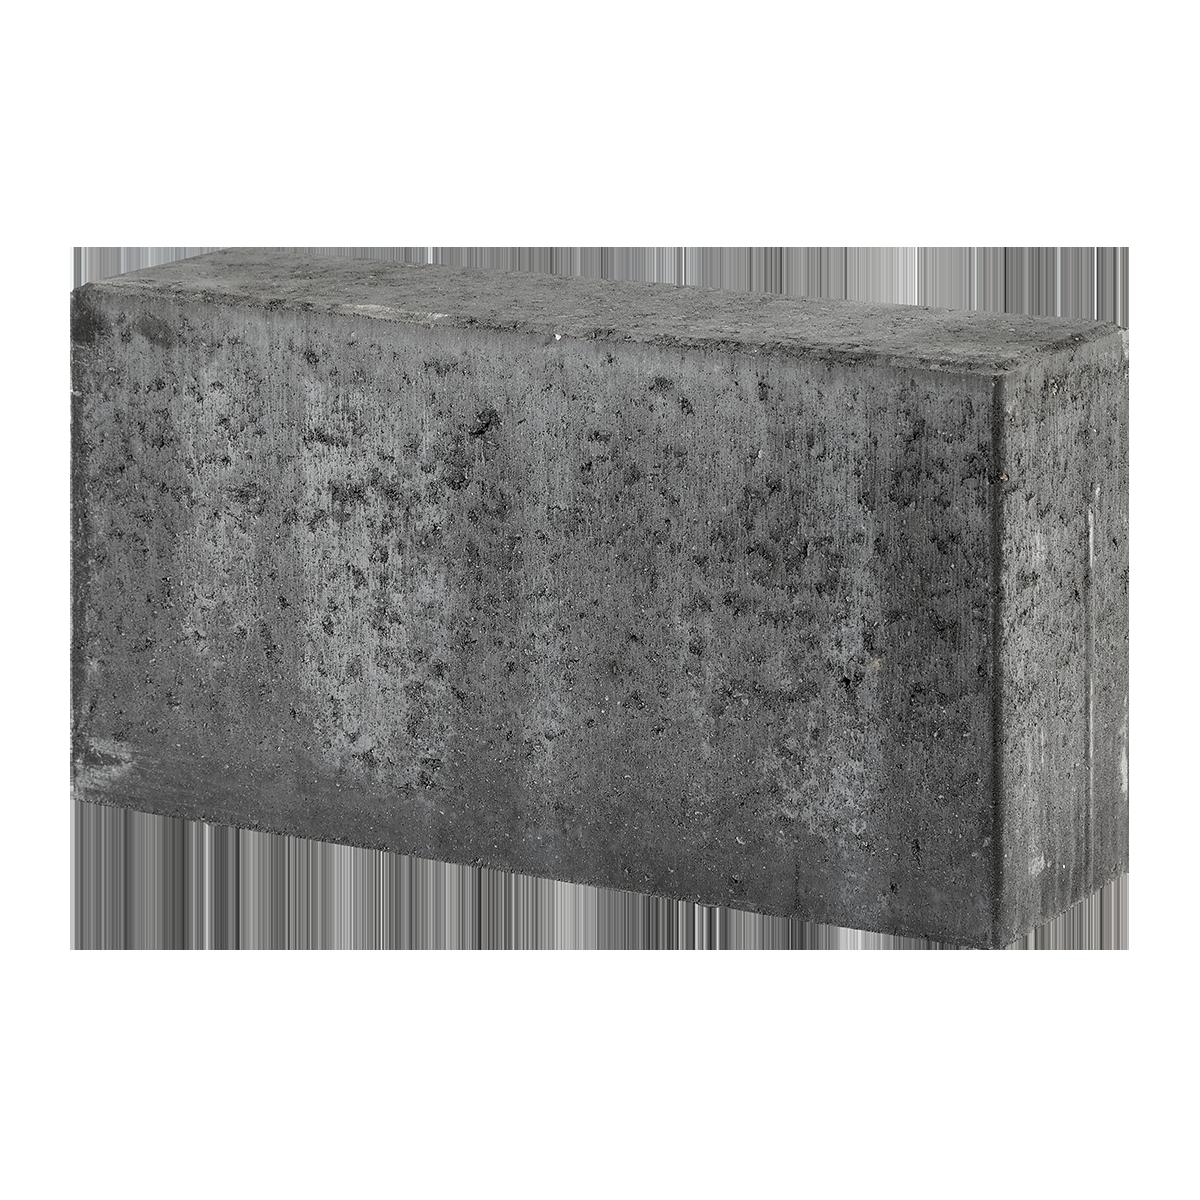 Albertslundkantsten 15x30x60 cm Sort/Antracit vandret overs.